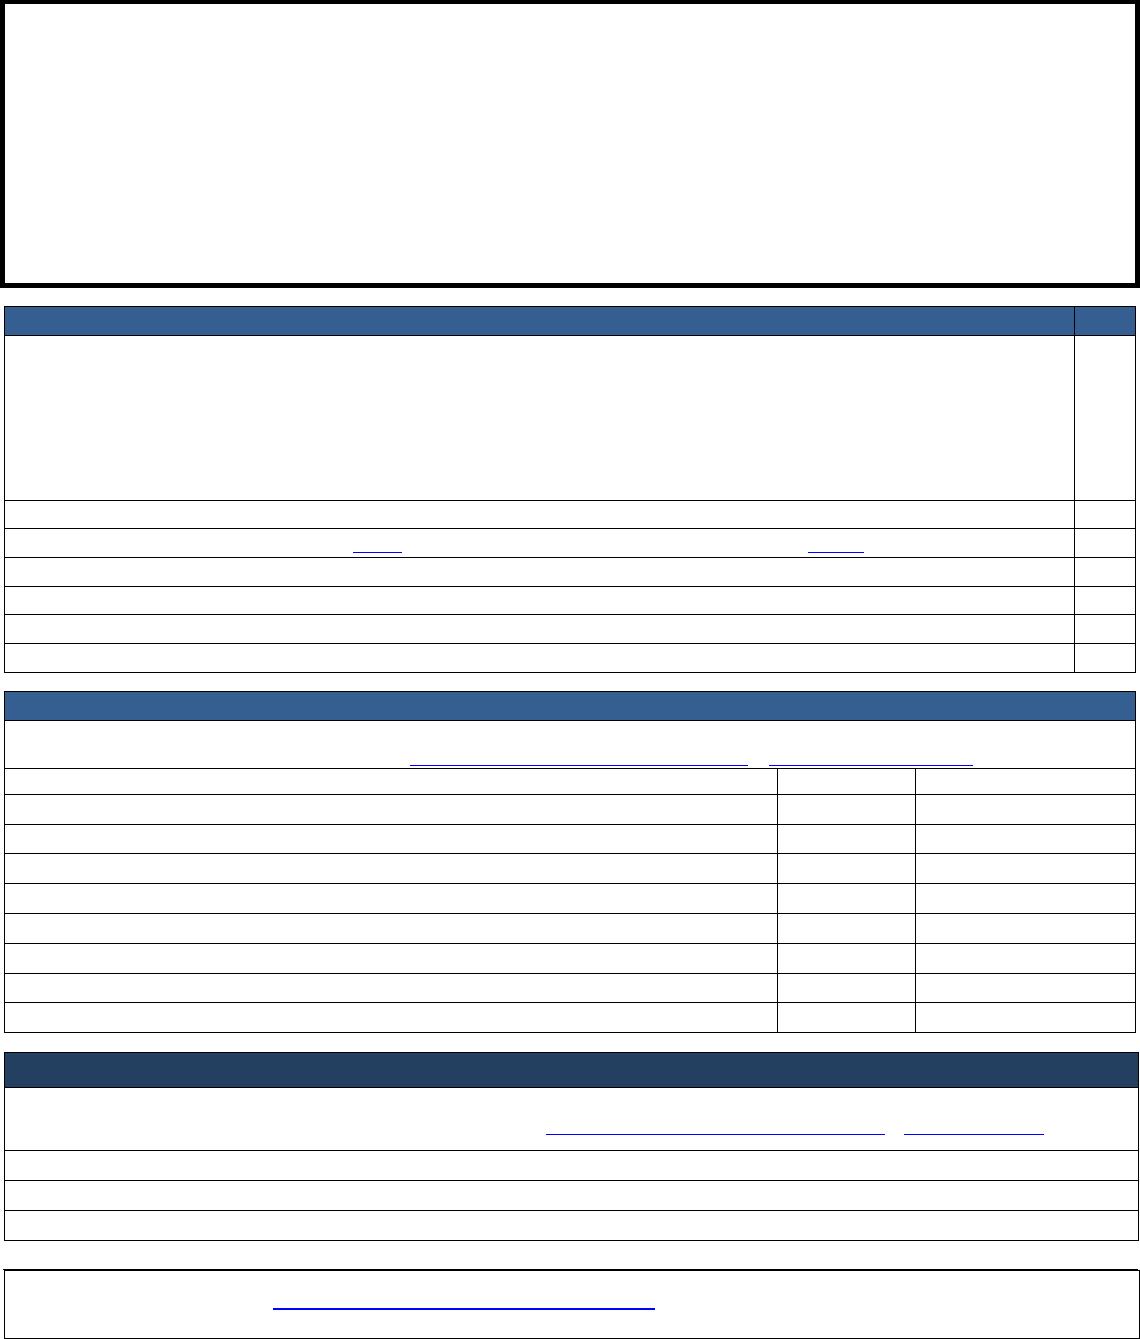 Fema Request Form